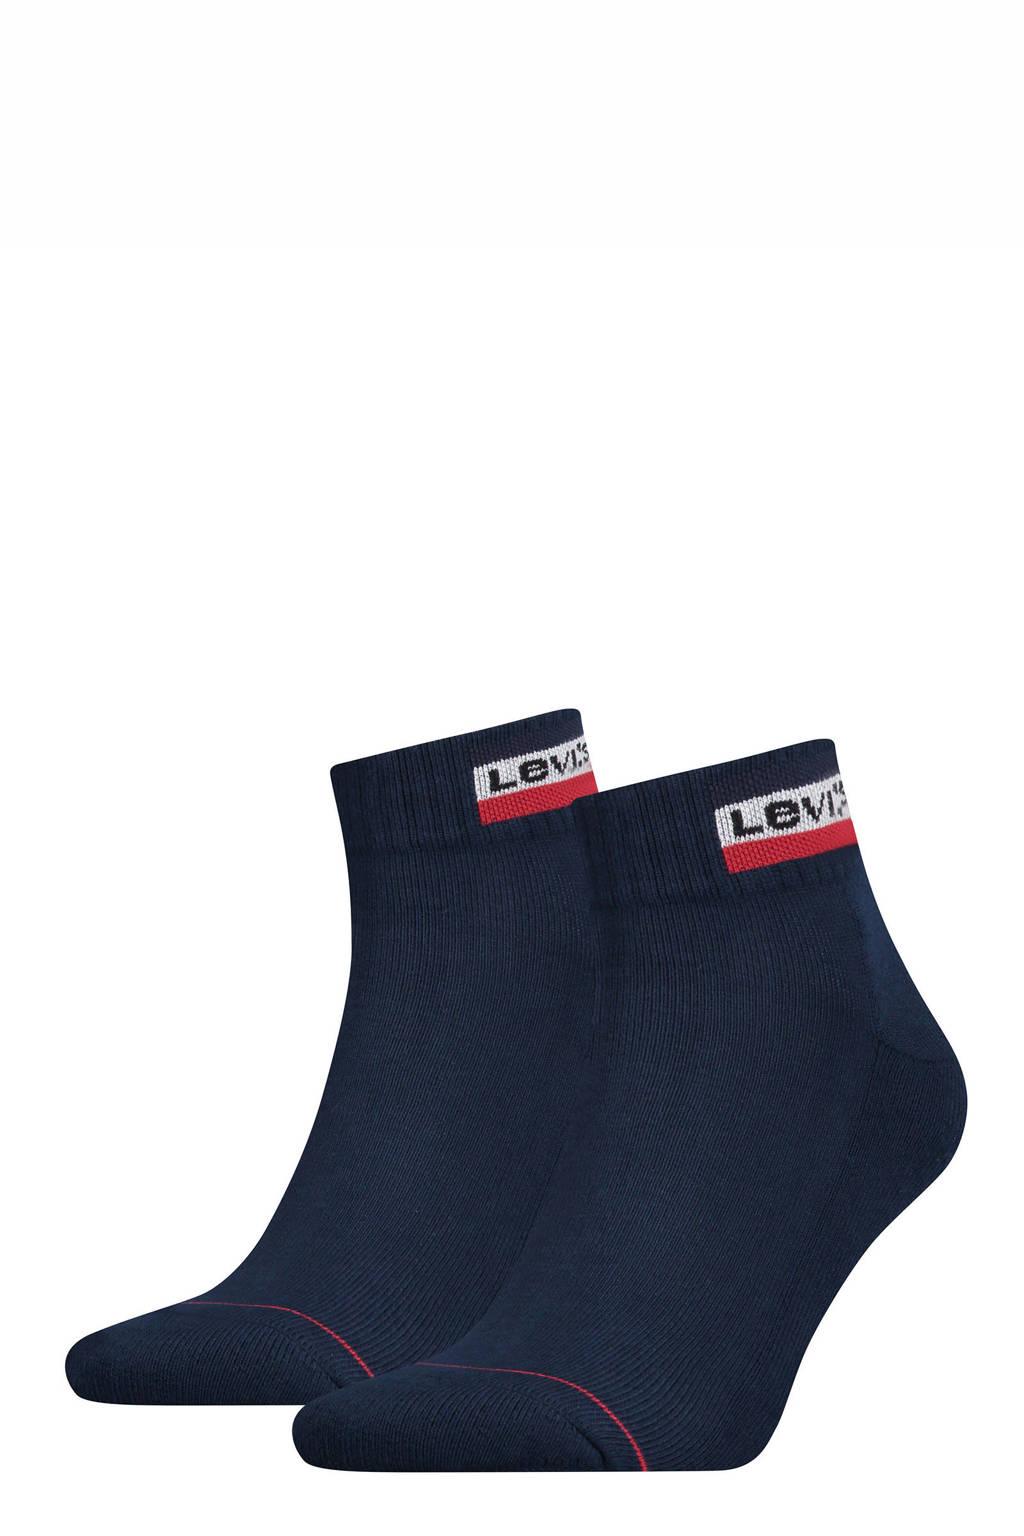 Levi's sokken set van 2 blauw, Blauw